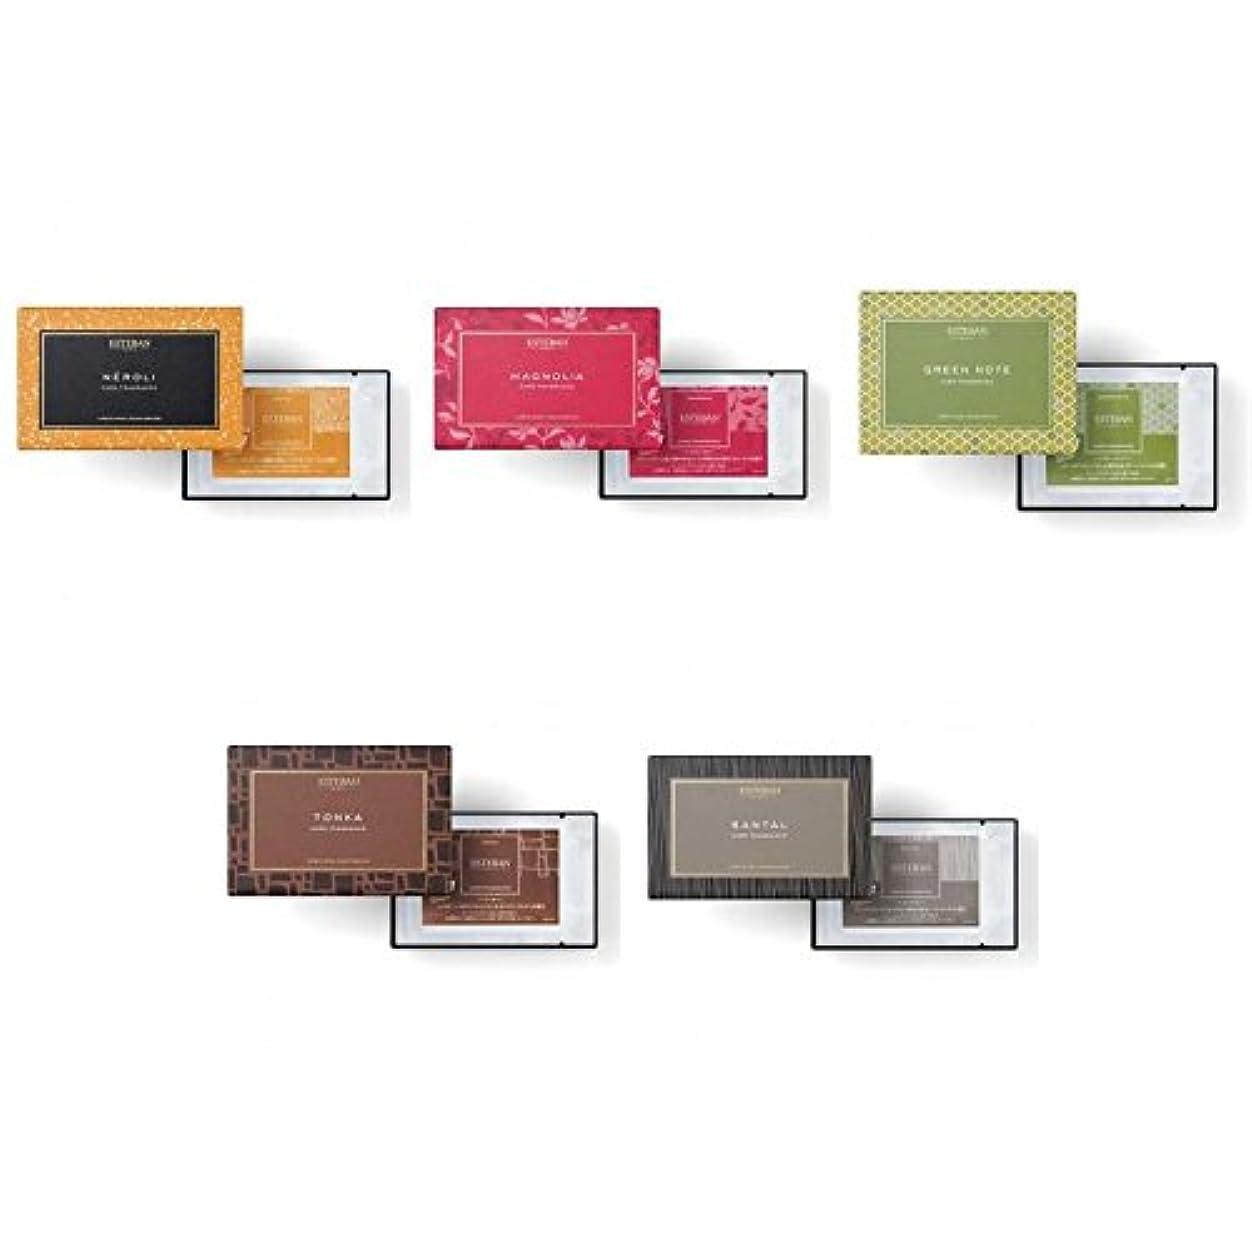 アジテーションポジション霊エステバン カードフレグランス 5種セット